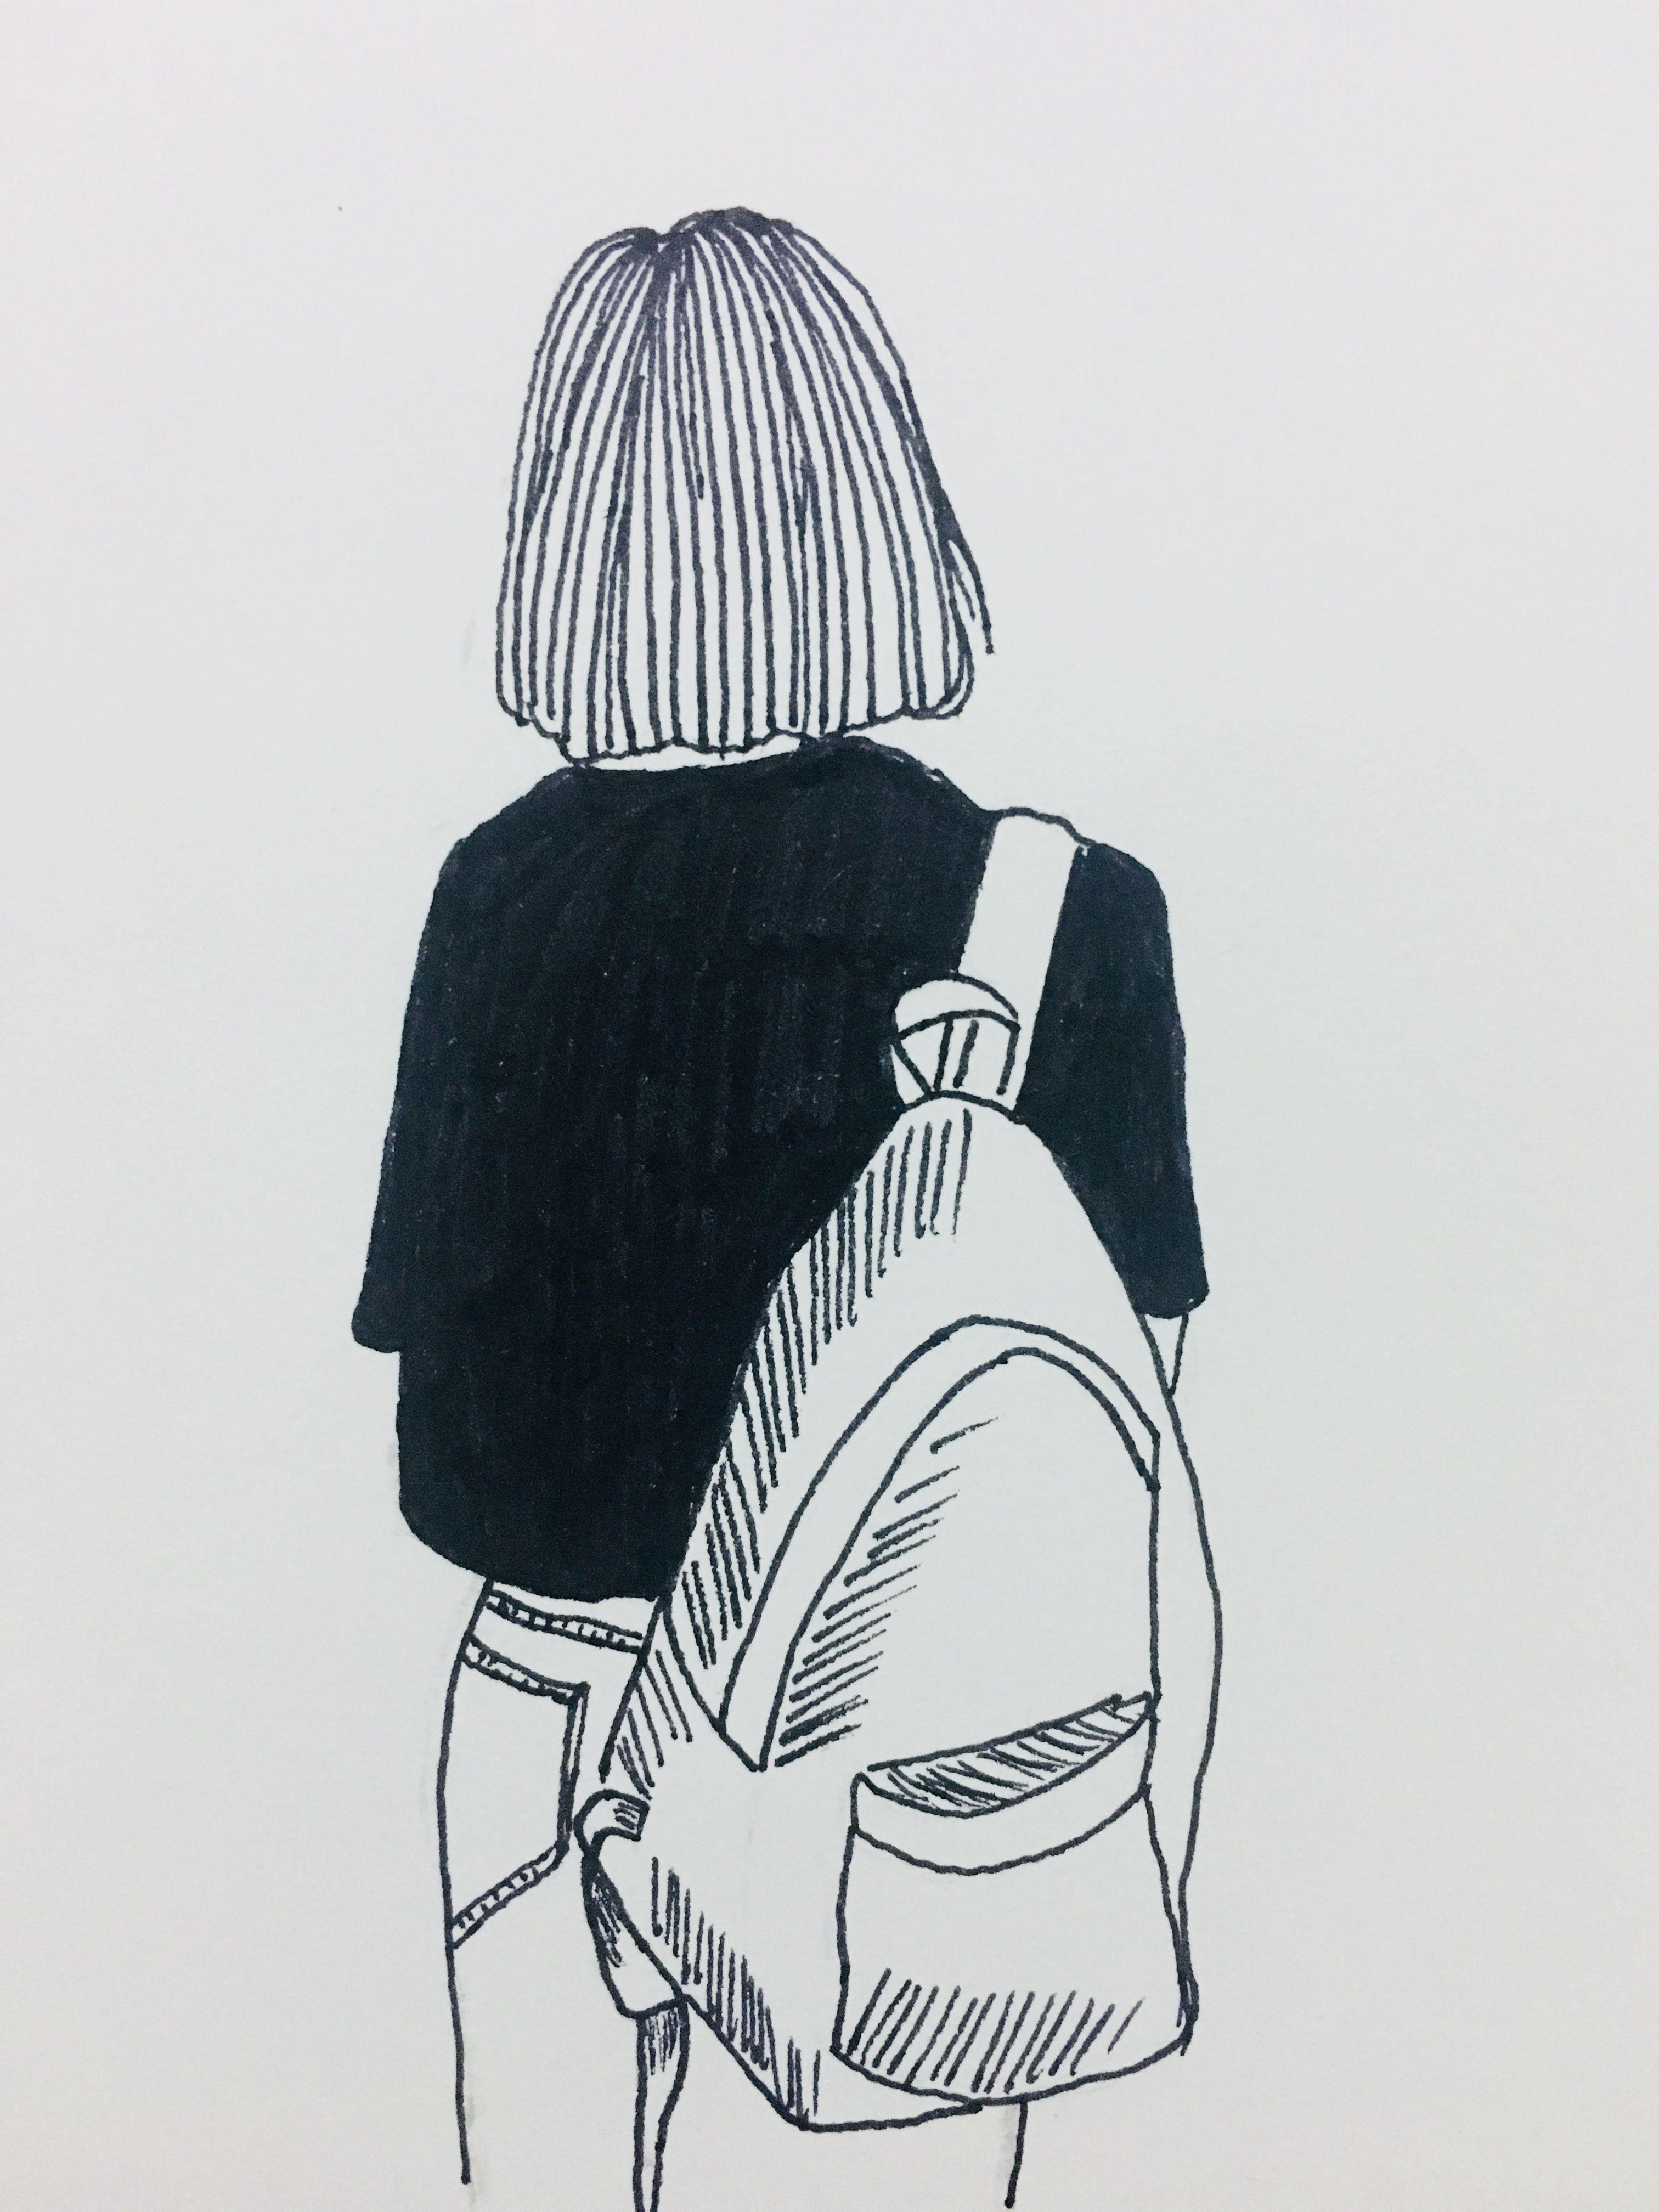 épinglé Par Jauffret Ivany Sur Dessin En Noir Et Blanc